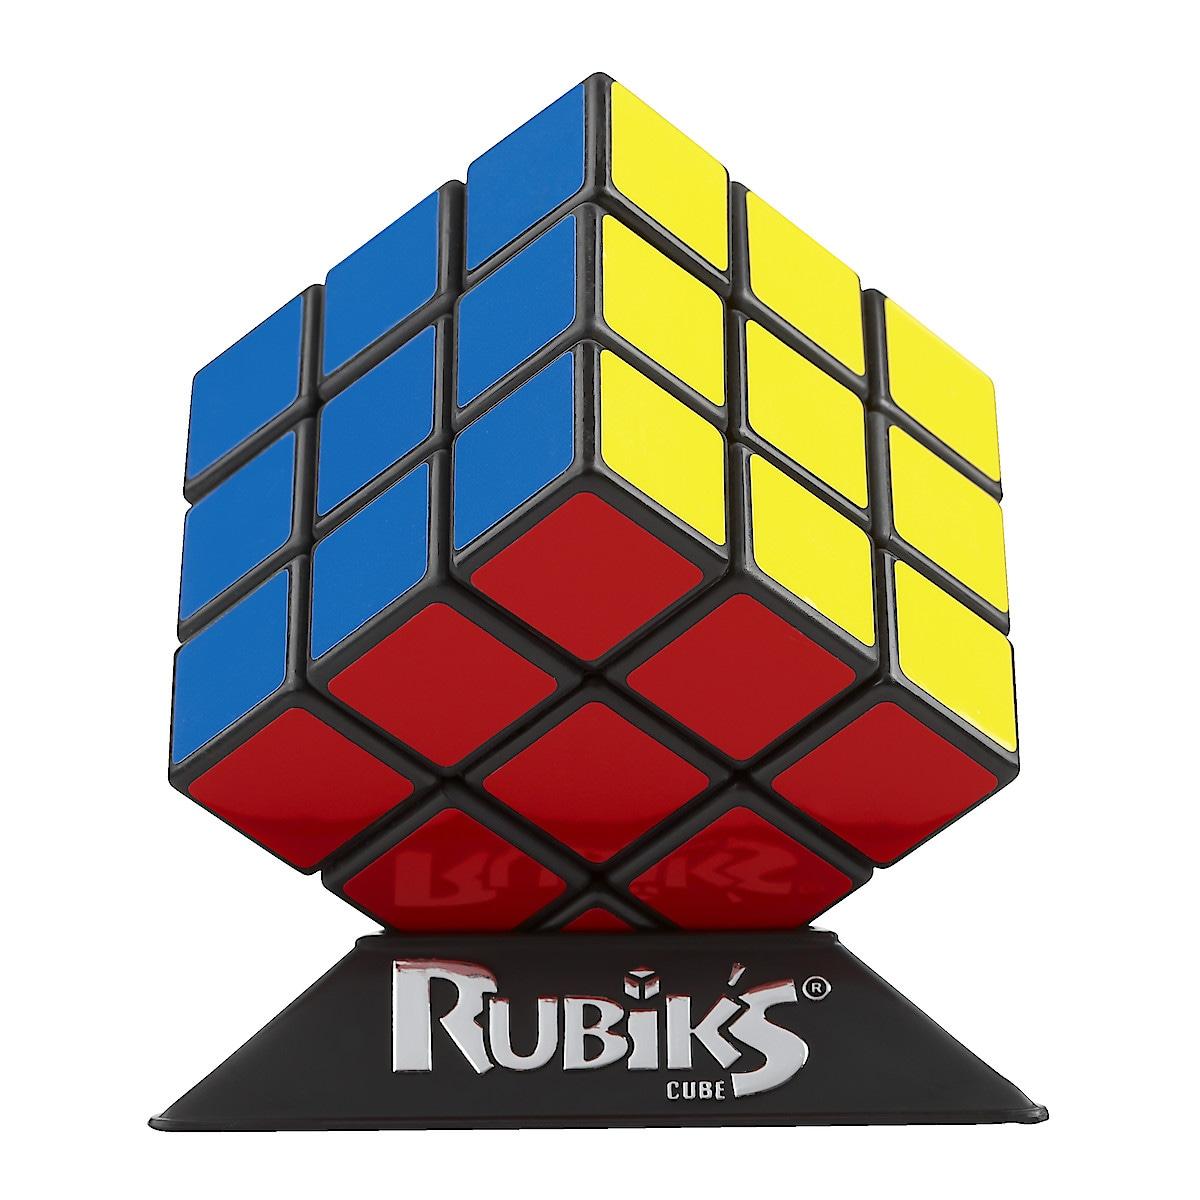 Rubiks kub 3×3